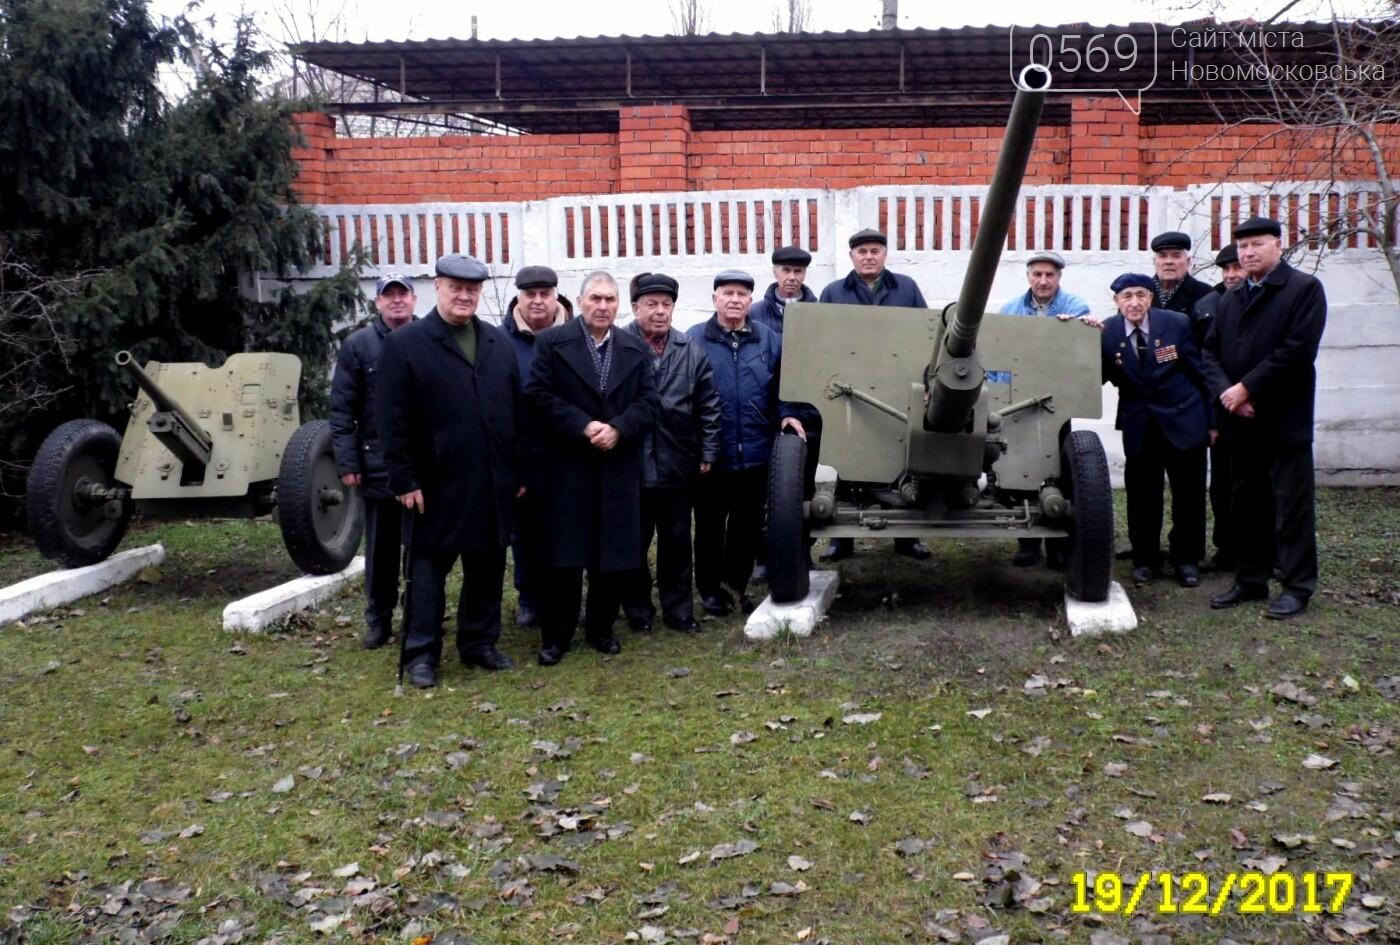 В Новомосковске отметили 75-летие воинской части, фото-5